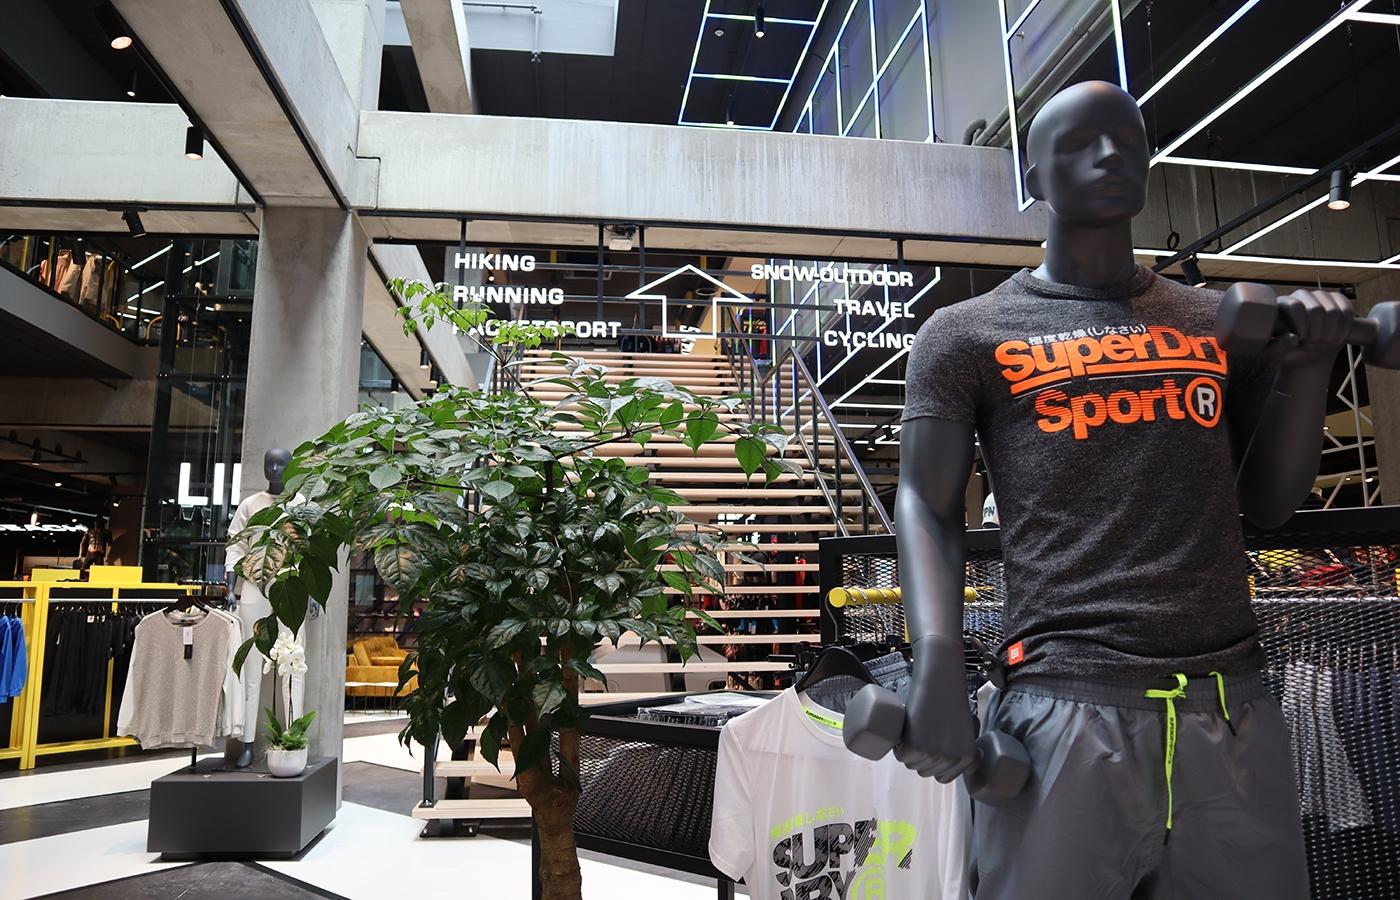 LEDSign project: Sportline